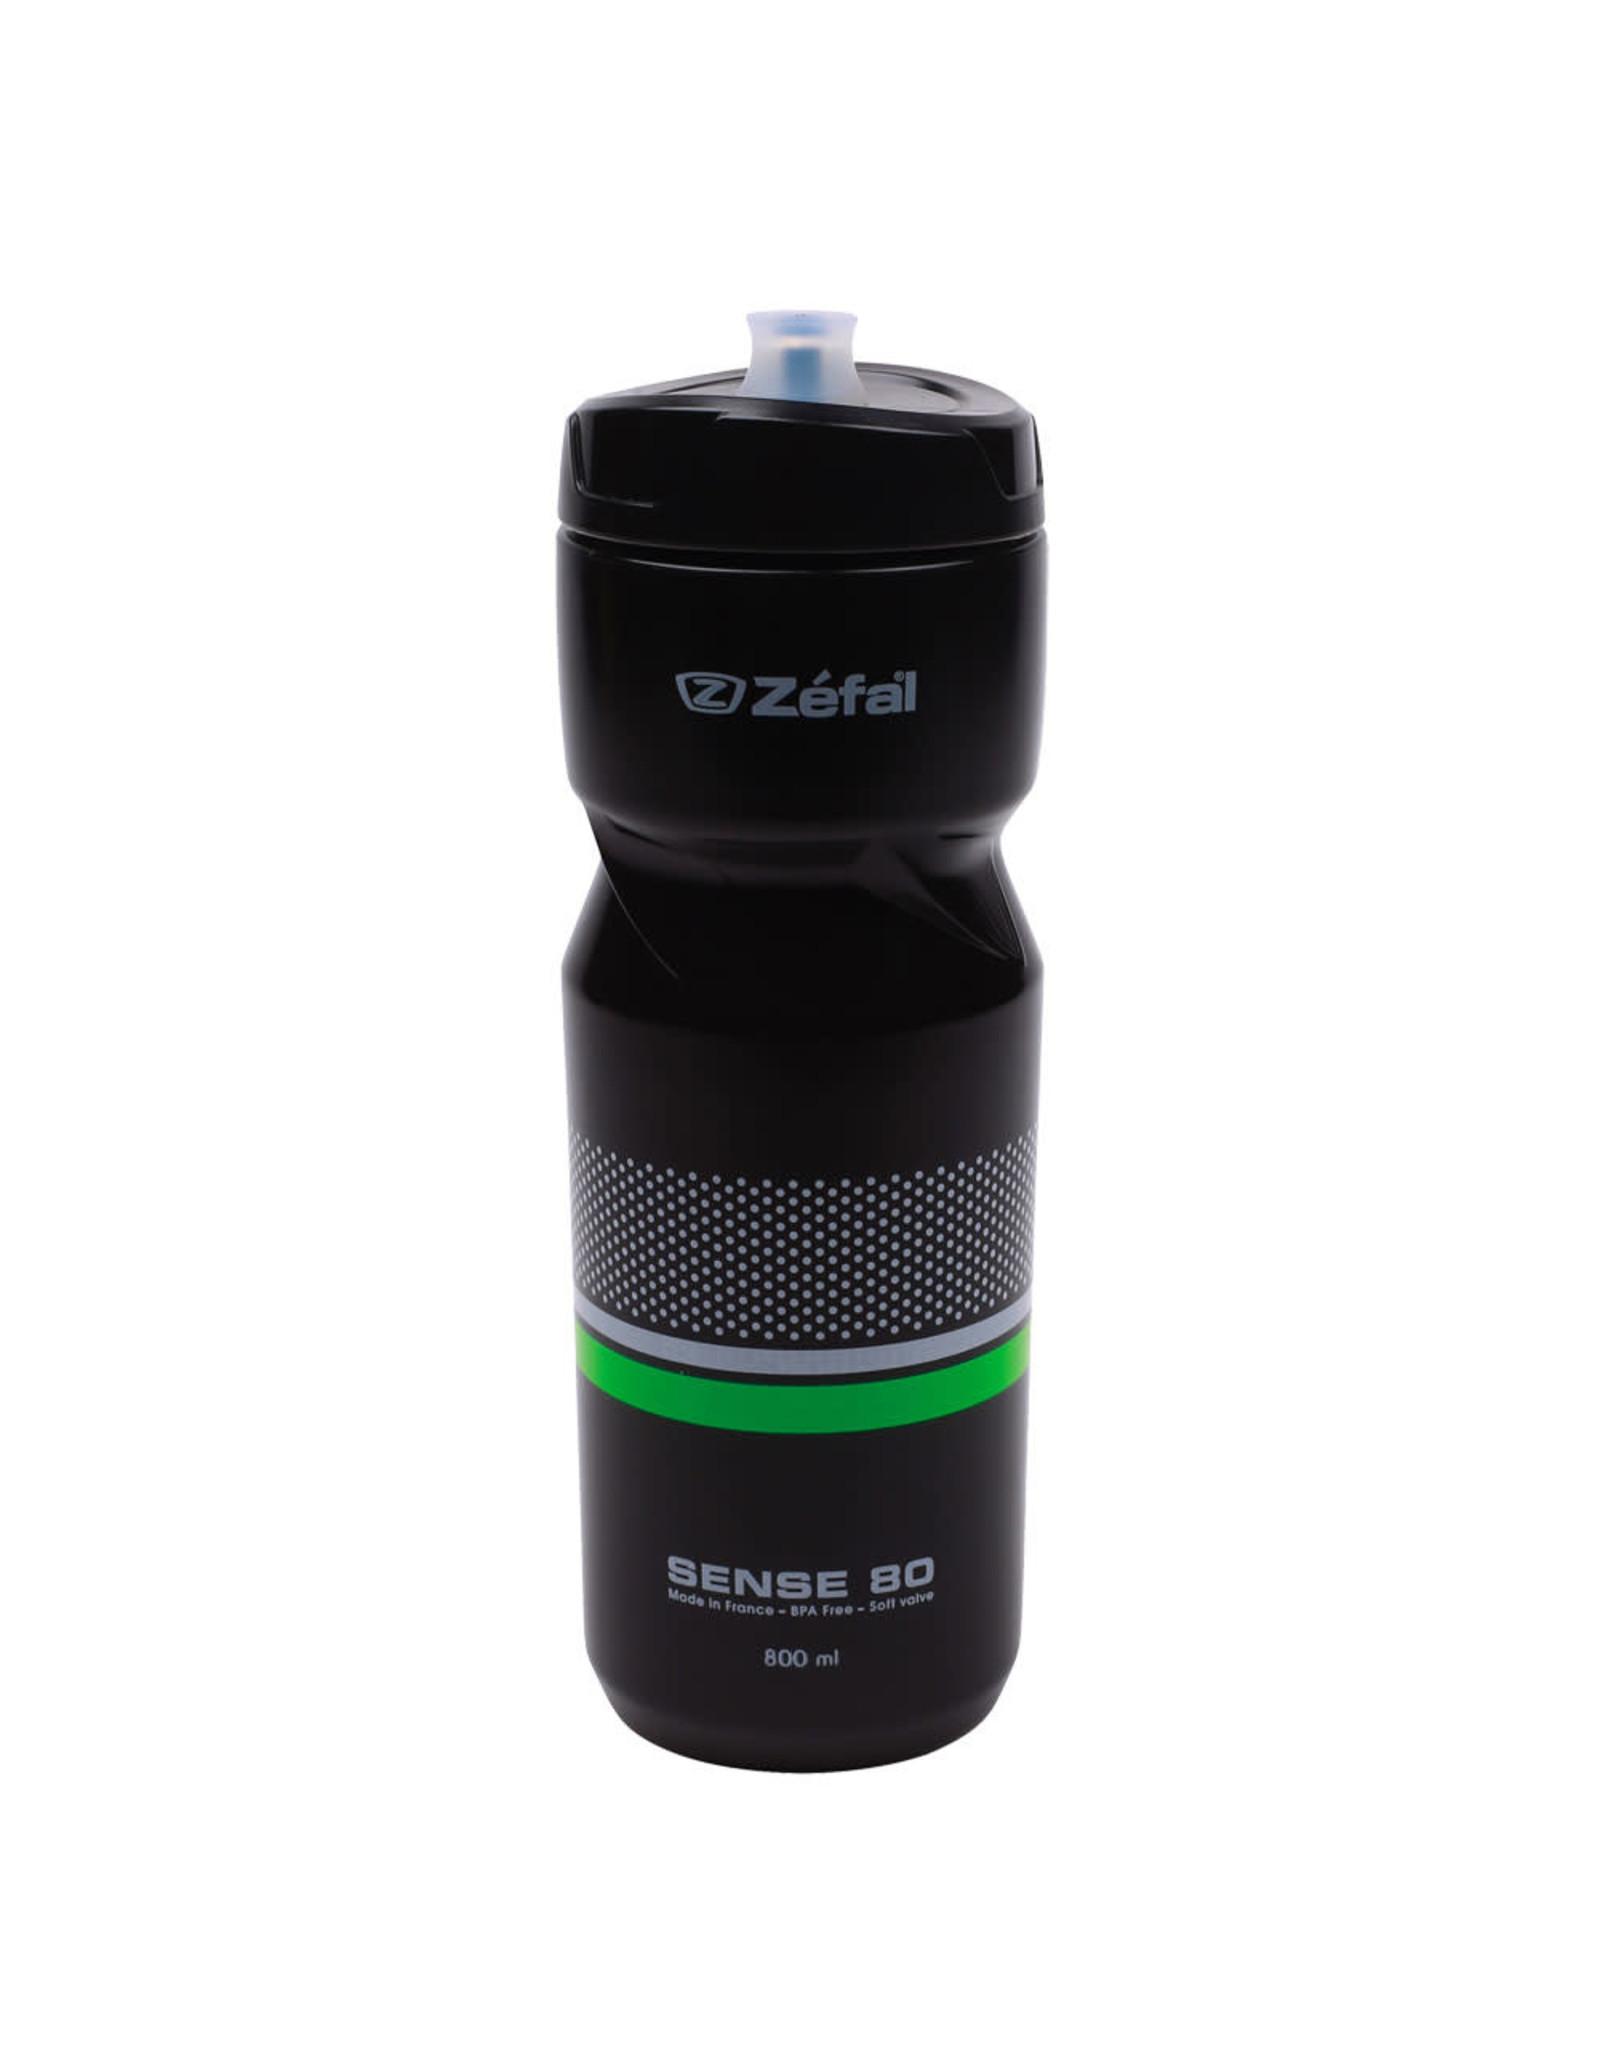 Zefal Sense M80 Bottle Black